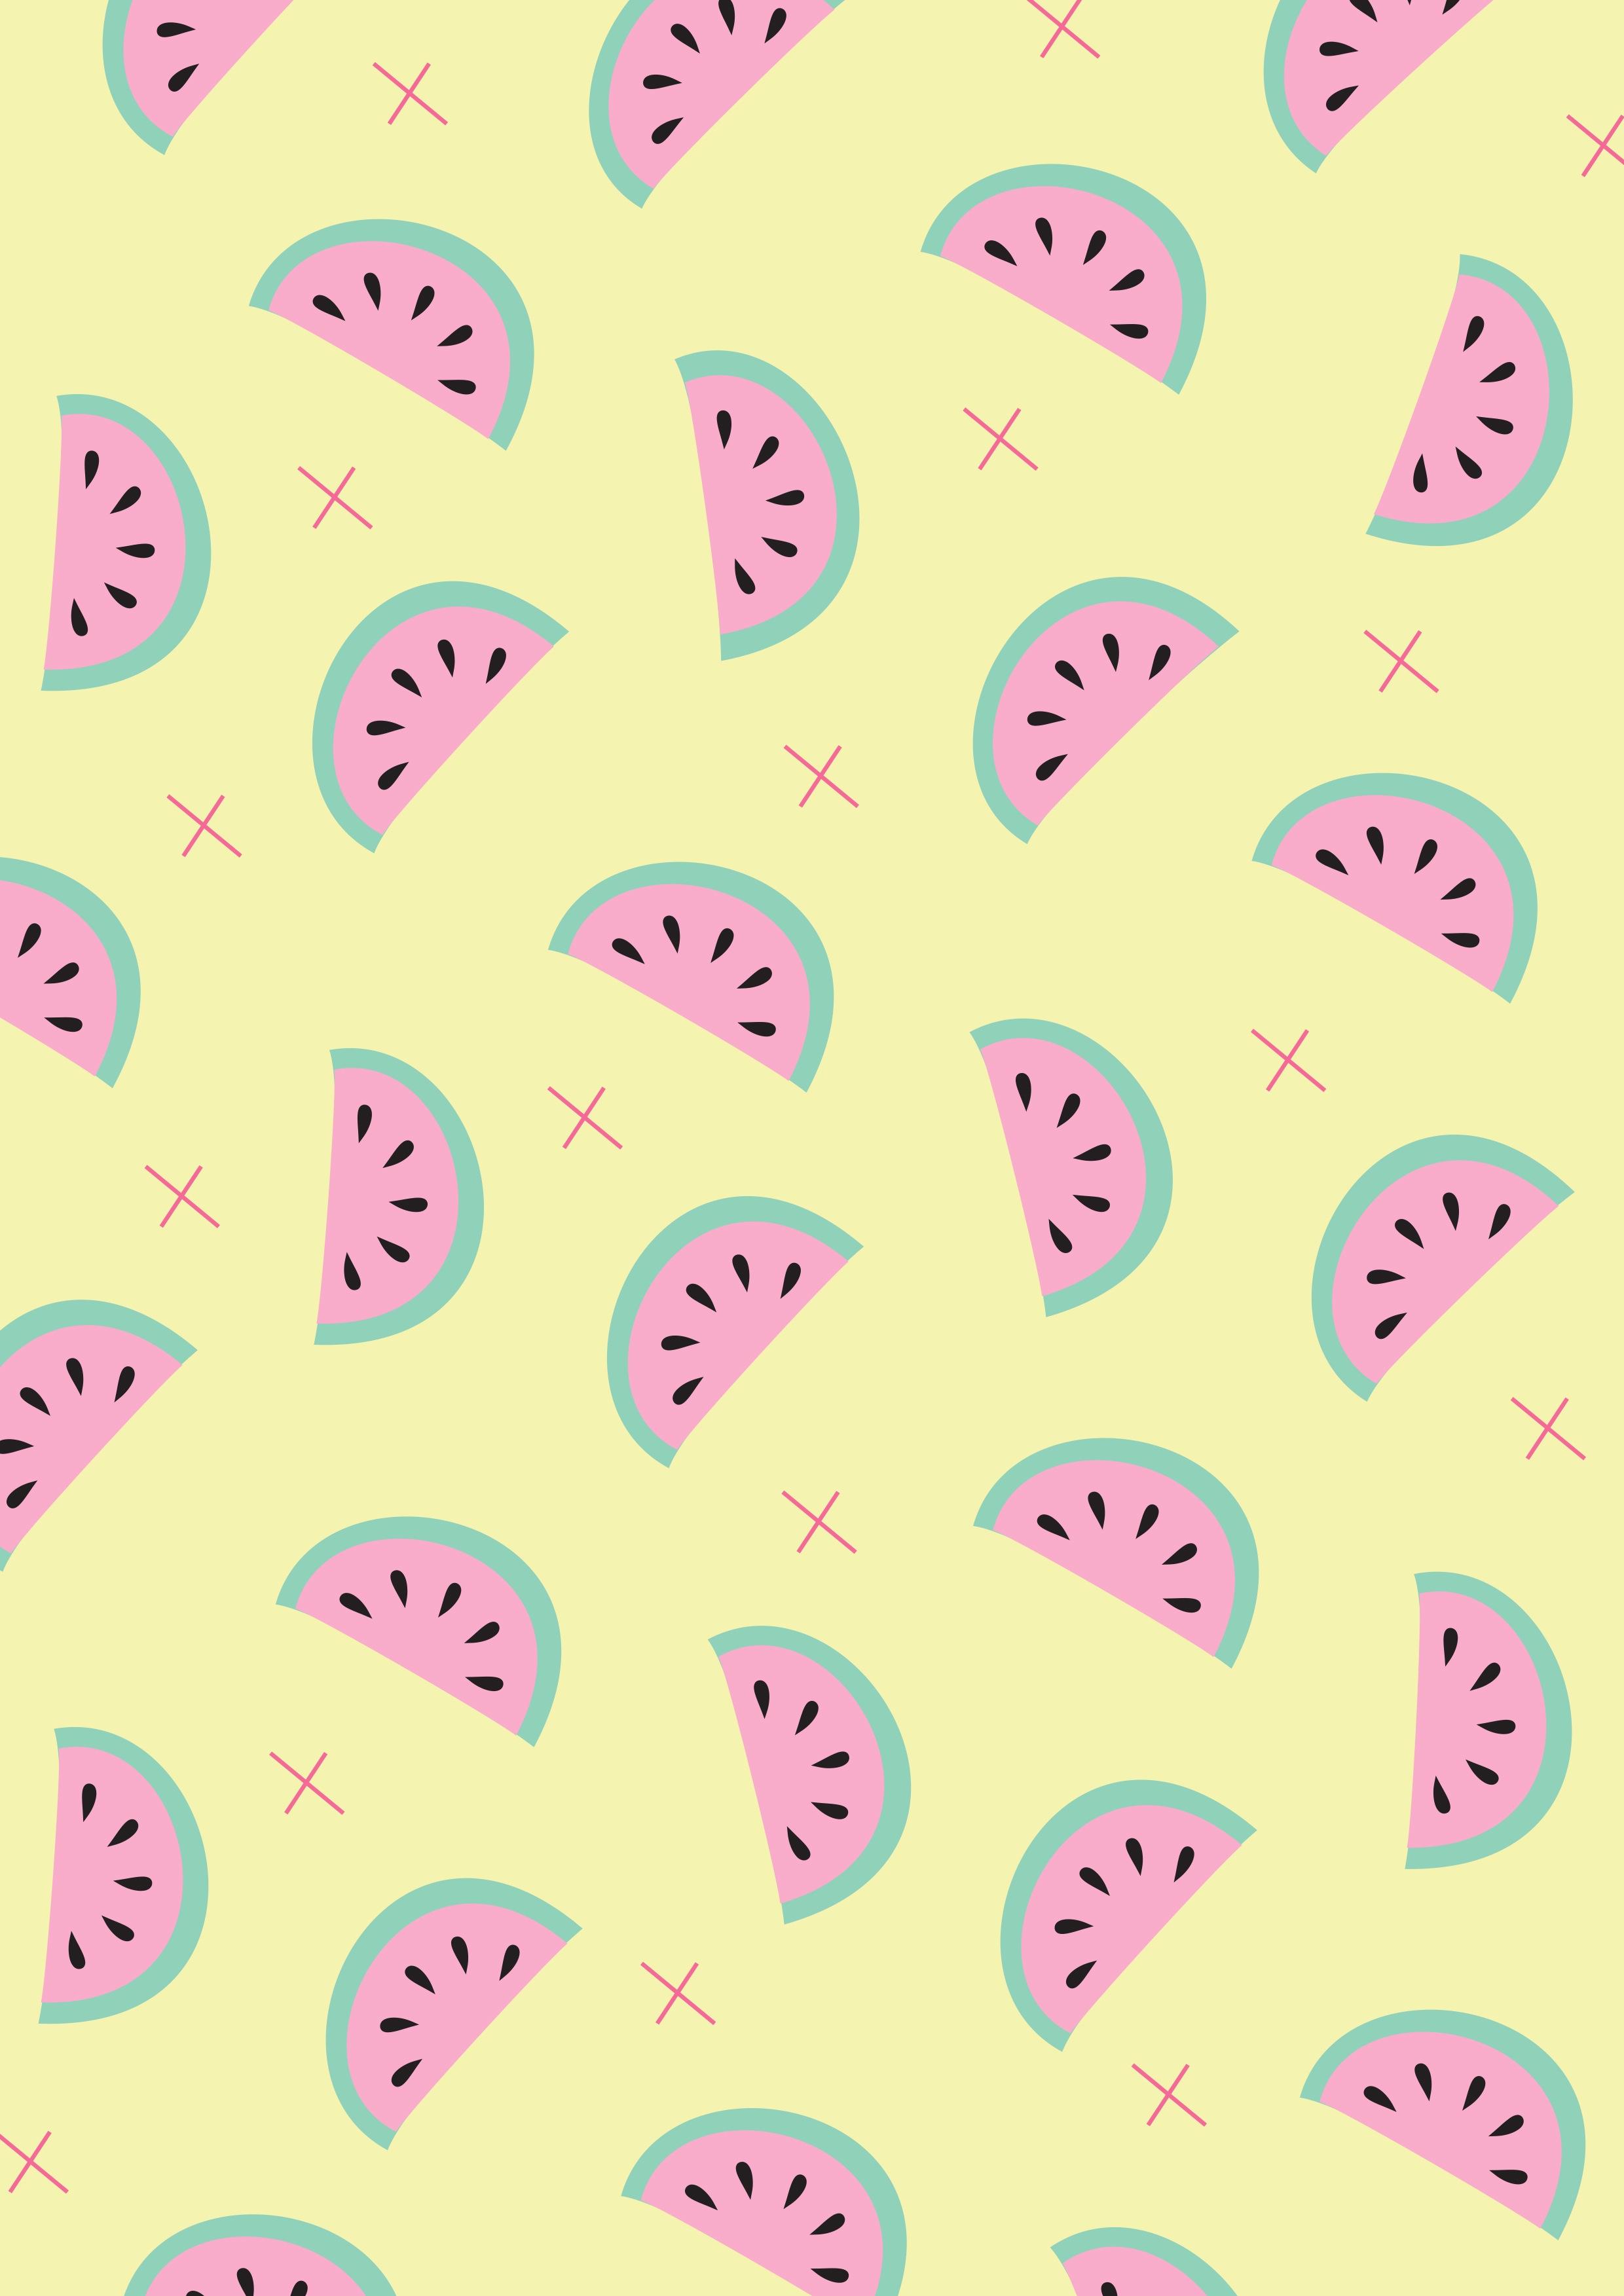 abbcdffbffd-pattern-print-print-patterns-wallpaper-wp5803154